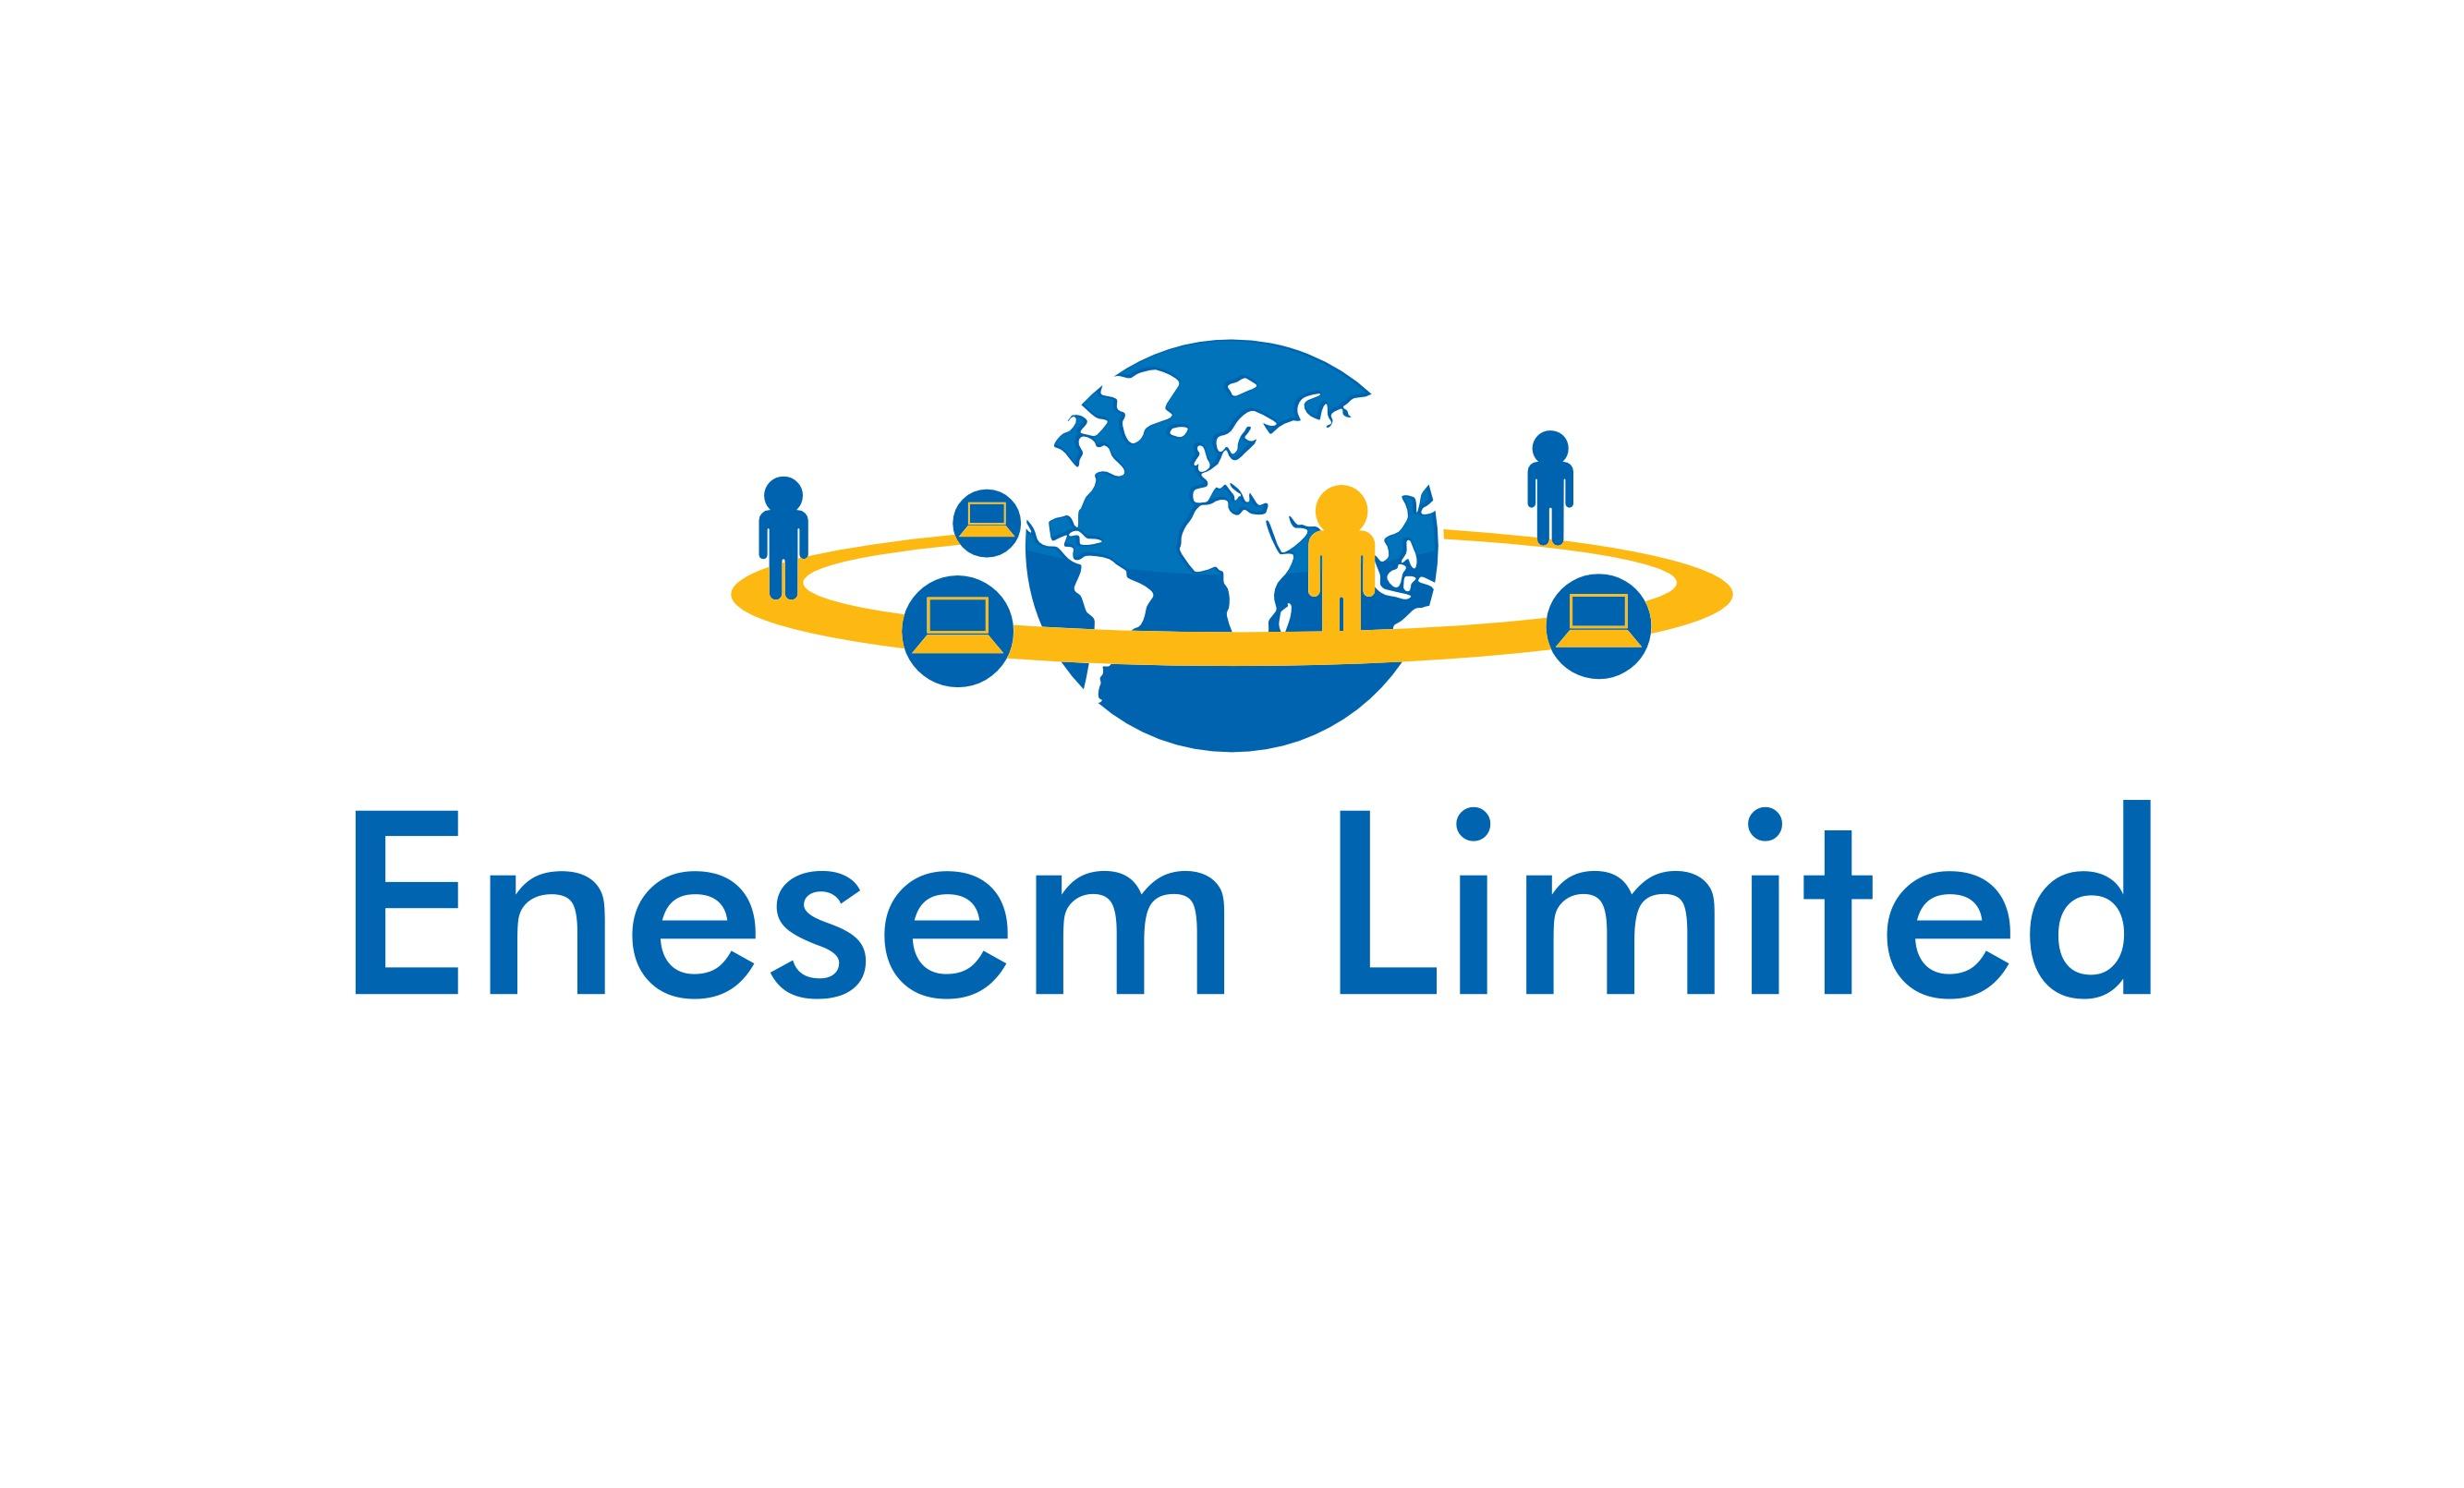 Enesem Ltd